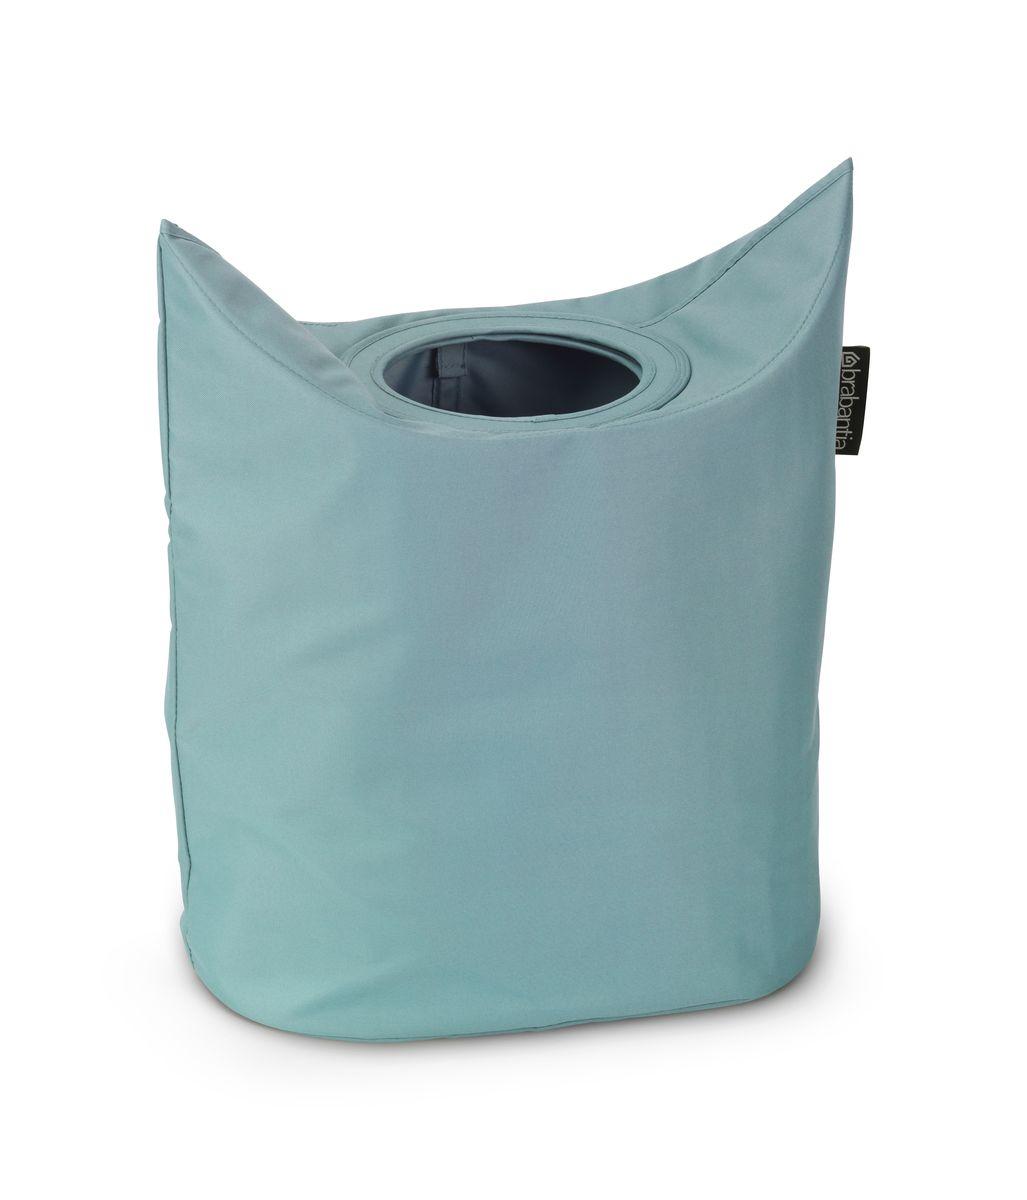 Сумка для белья Brabantia, цвет: мятный, 50 л. 102509391602Оригинальная сумка для белья Brabantia экономит место и превращает вашу стирку в увлекательное занятие. С помощью складывающихся магнитных ручек сумка закрывается и превращается в корзину для белья с загрузочным отверстием. Собрались стирать? Поднимите ручки, и ваша сумка готова к использованию. Особенности: Загрузочное отверстие для быстрой загрузки белья – просто сложите магнитные ручки; Большие удобные ручки для переноски; Удобно загружать белье в стиральную машину – большая вместимость и широкое отверстие; 2 года гарантии Brabantia; Объем 50 л.